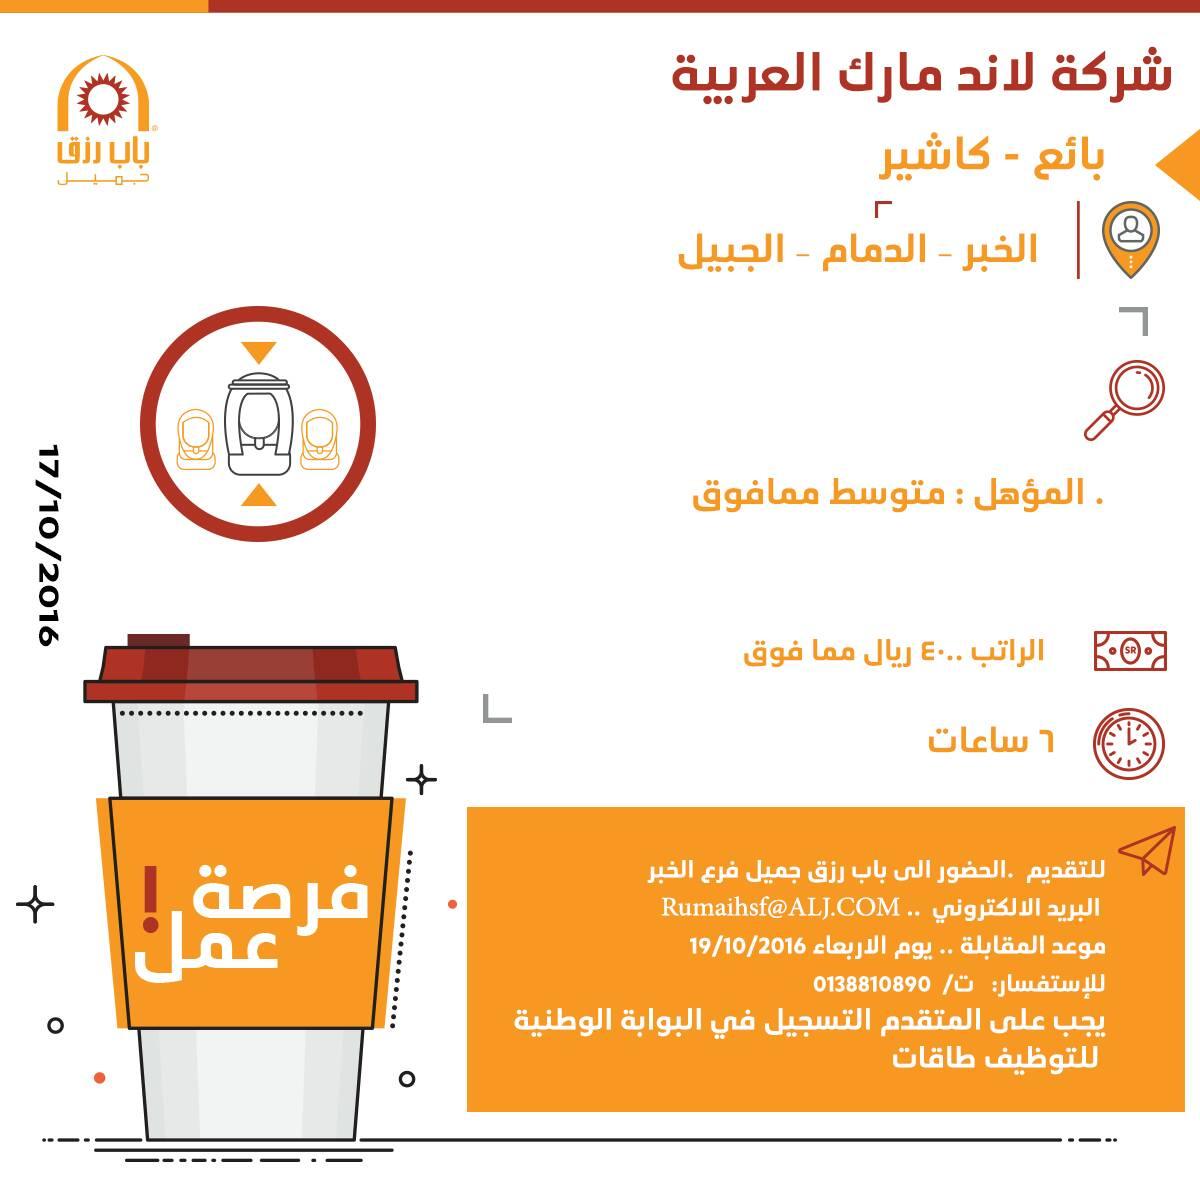 غدا الأربعاء التقديم على وظيفة بائع وكاشير في شركة لاند مارك العربية - الدمام والخبر والجبيل